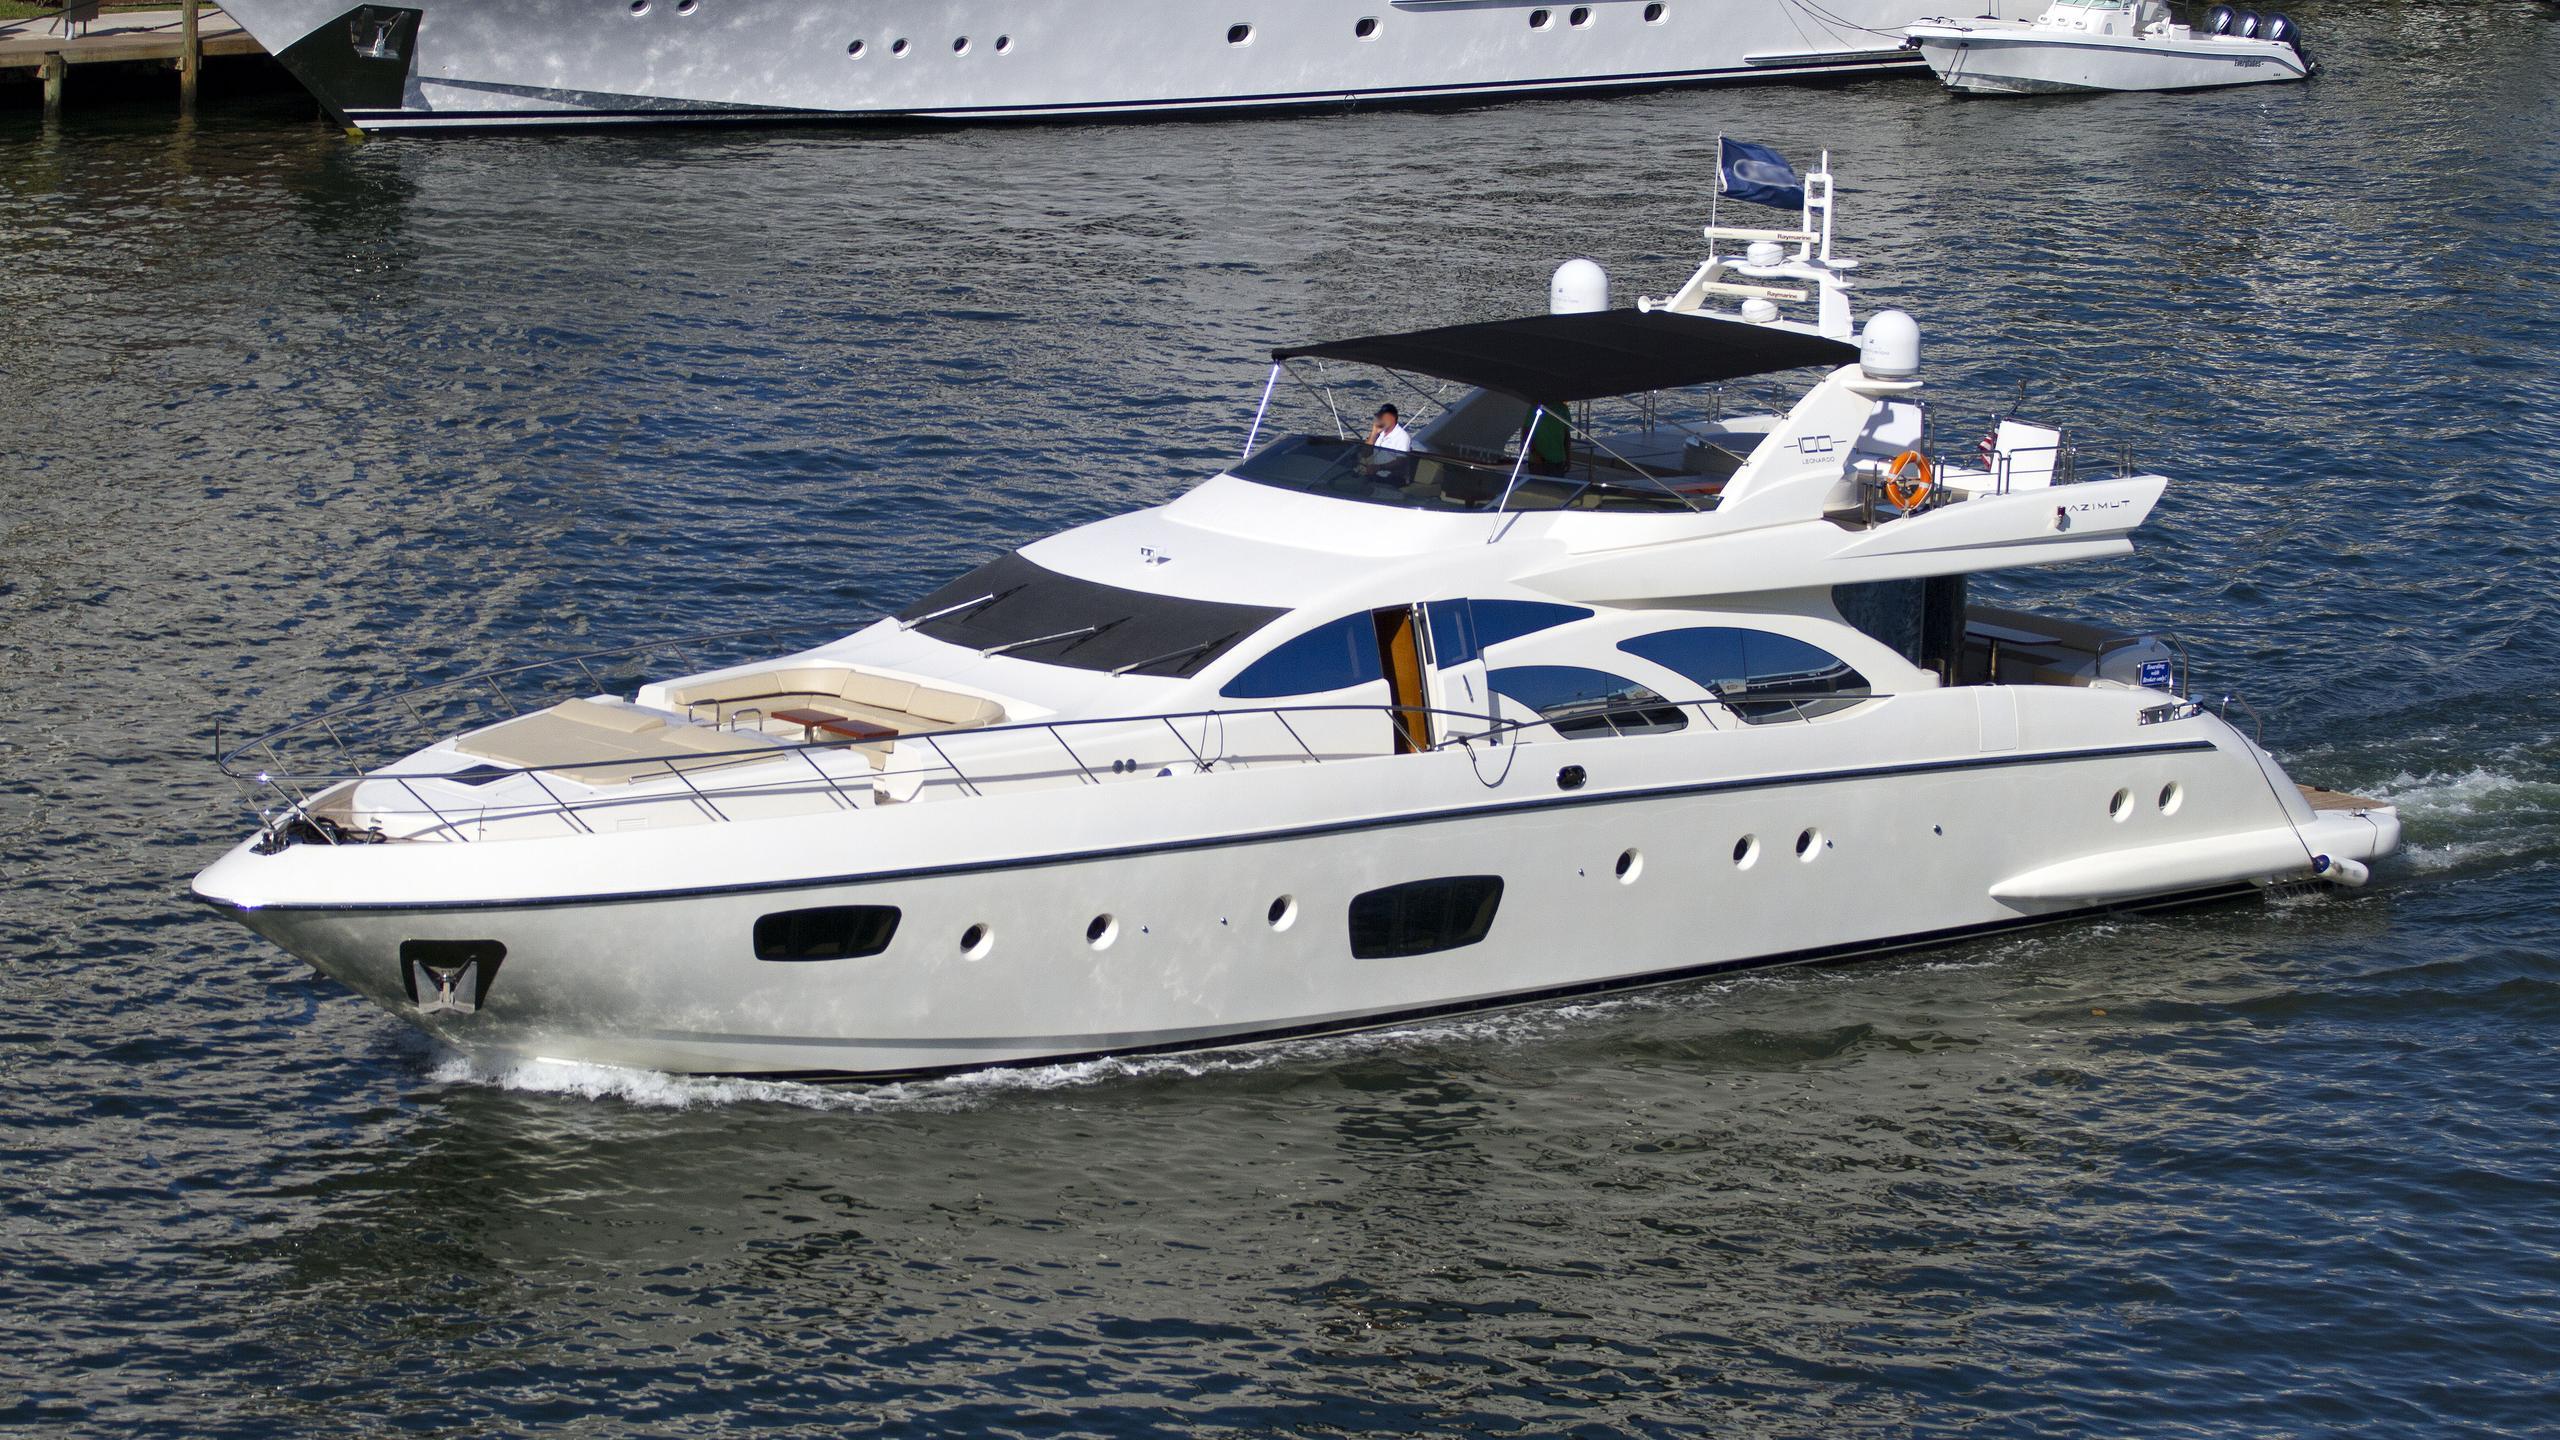 intervention veloz motoryacht azimut leonardo 100 2010 31m half profile